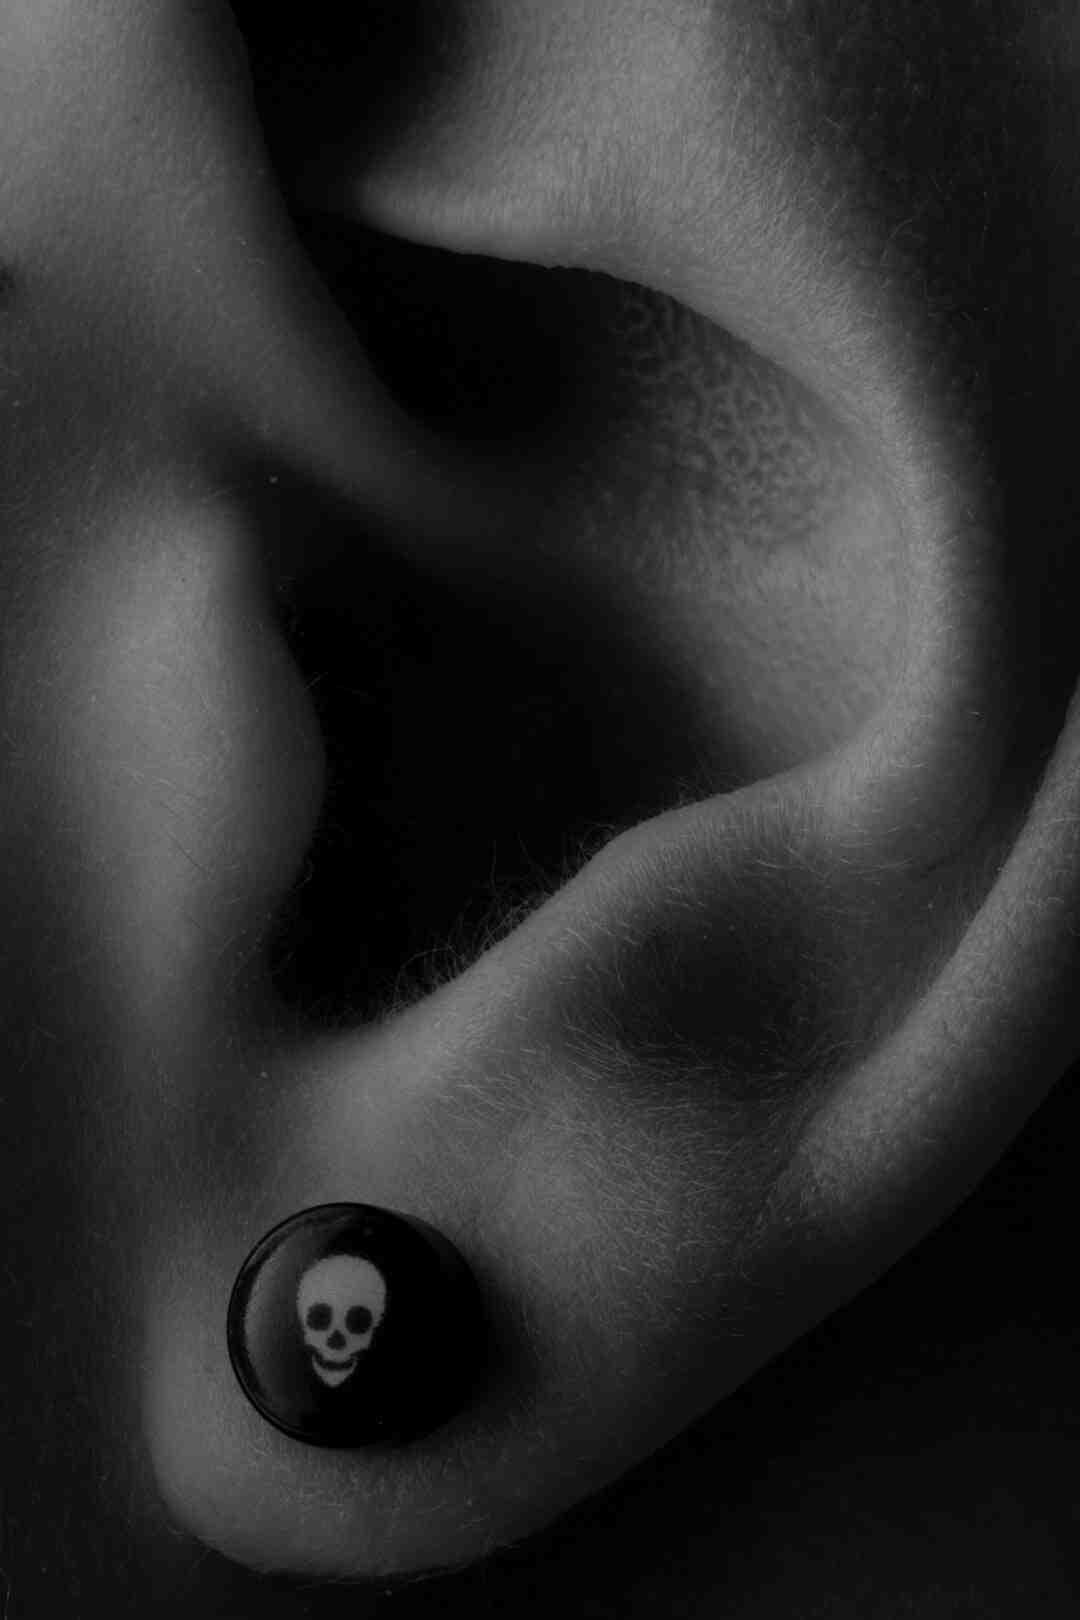 Comment savoir si on a une infection à l'oreille piercing ?